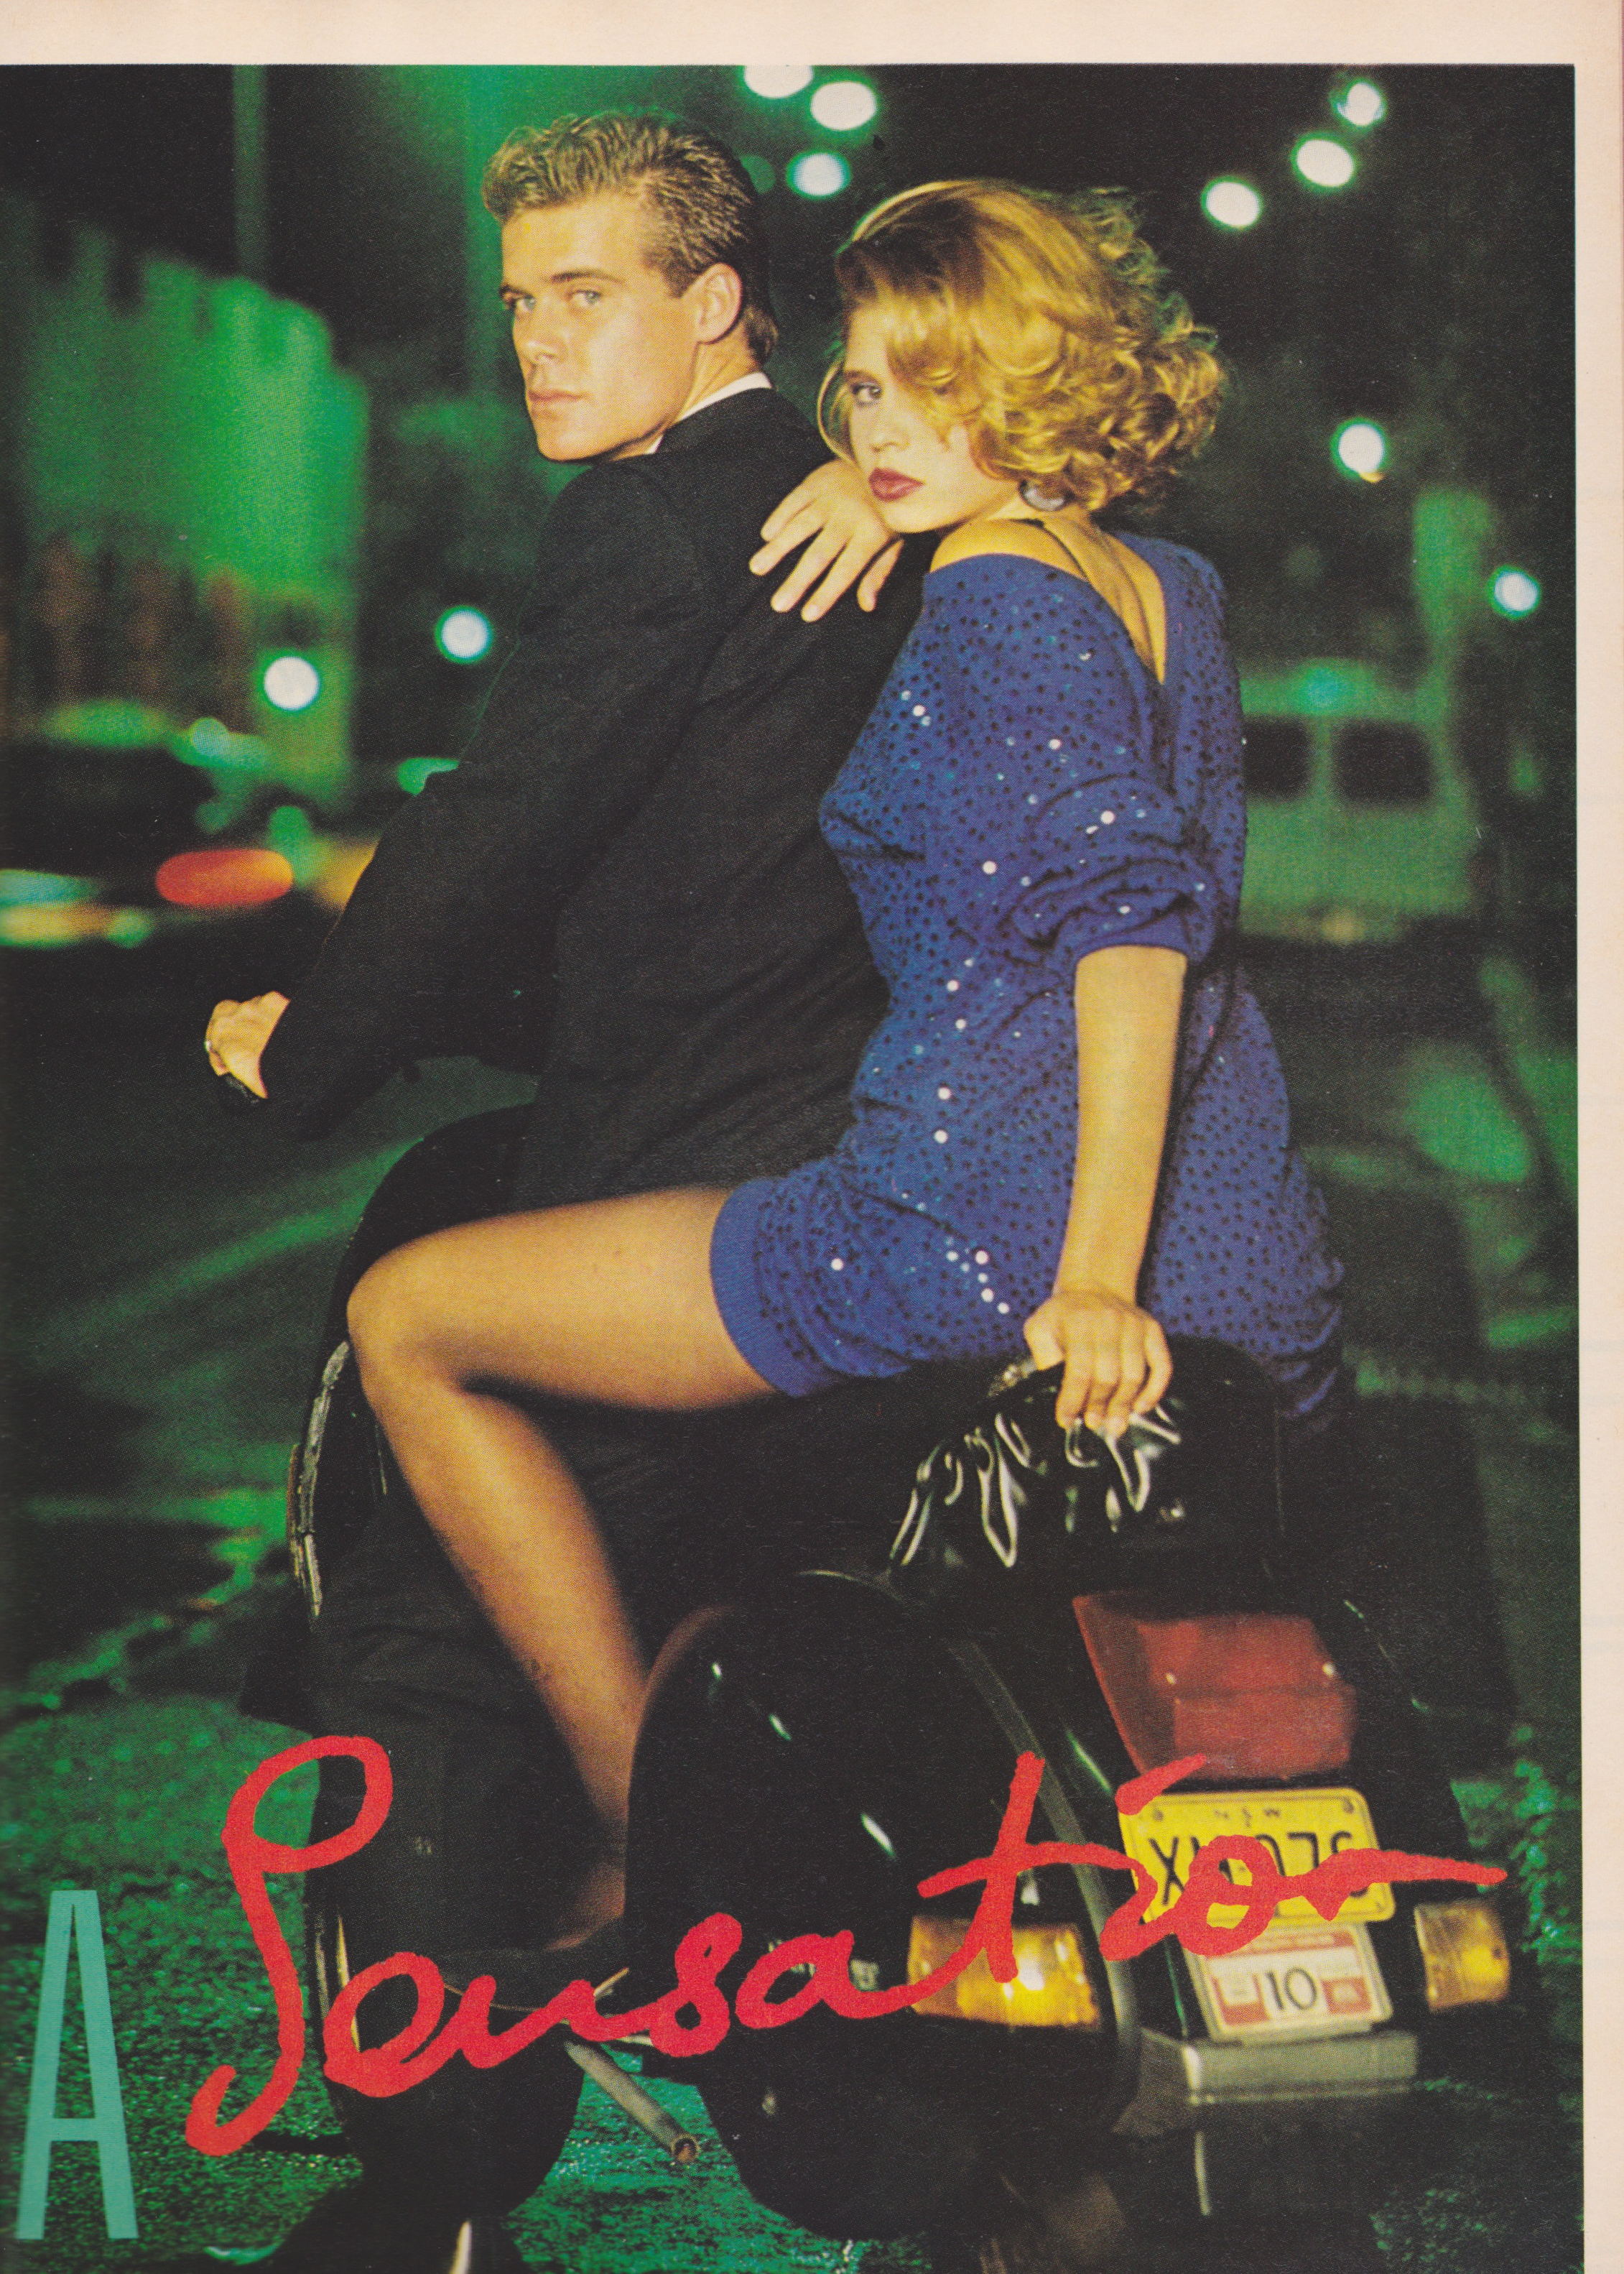 Dolly Magazine July 1984 | Jenny 08.jpeg